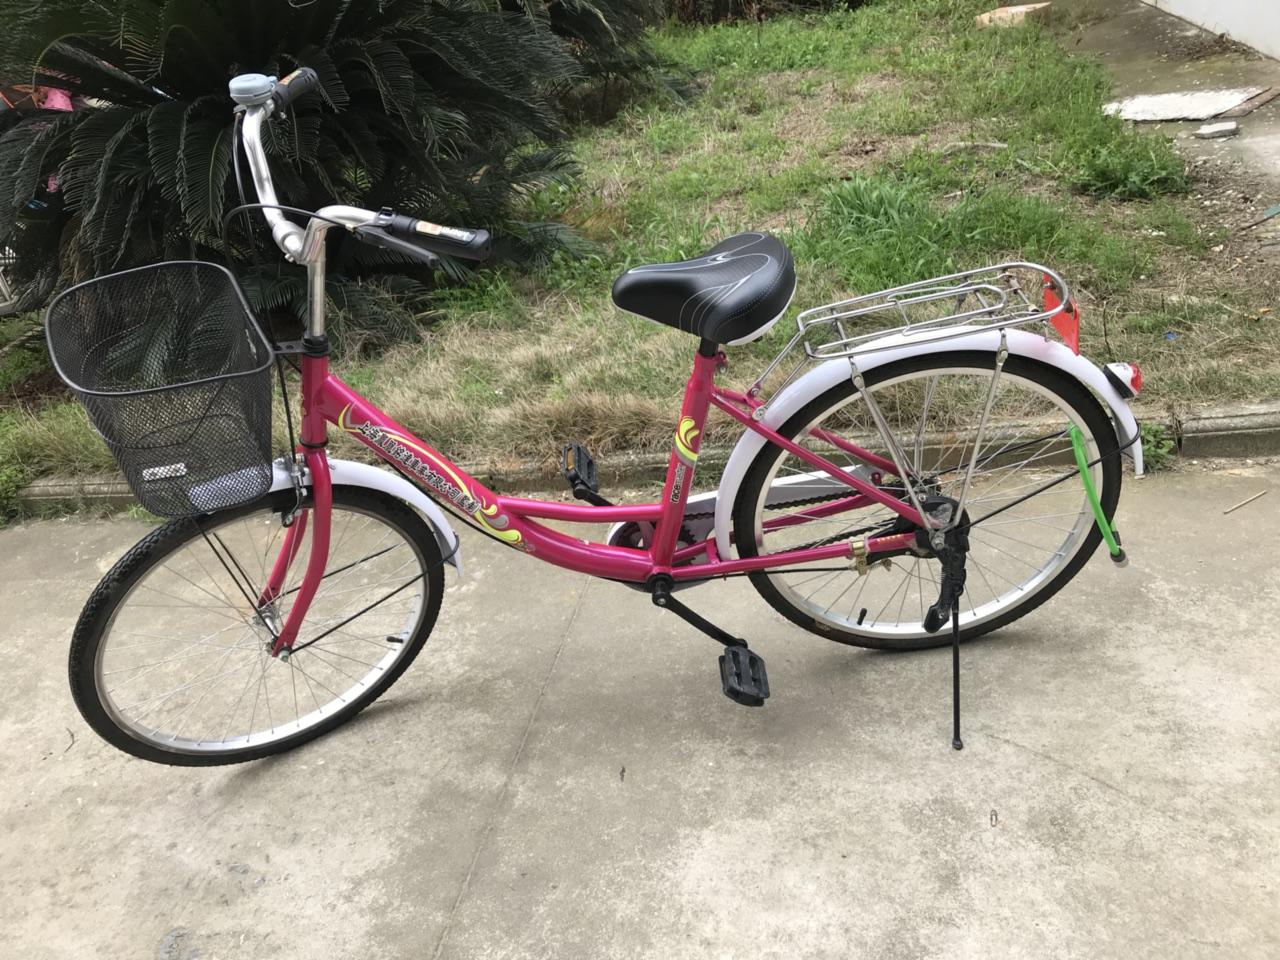 转卖自行车 2018年年底买的,骑了不到一个月,因为买了电动车就闲置了,硬件都是好的,车子已经洗干净...